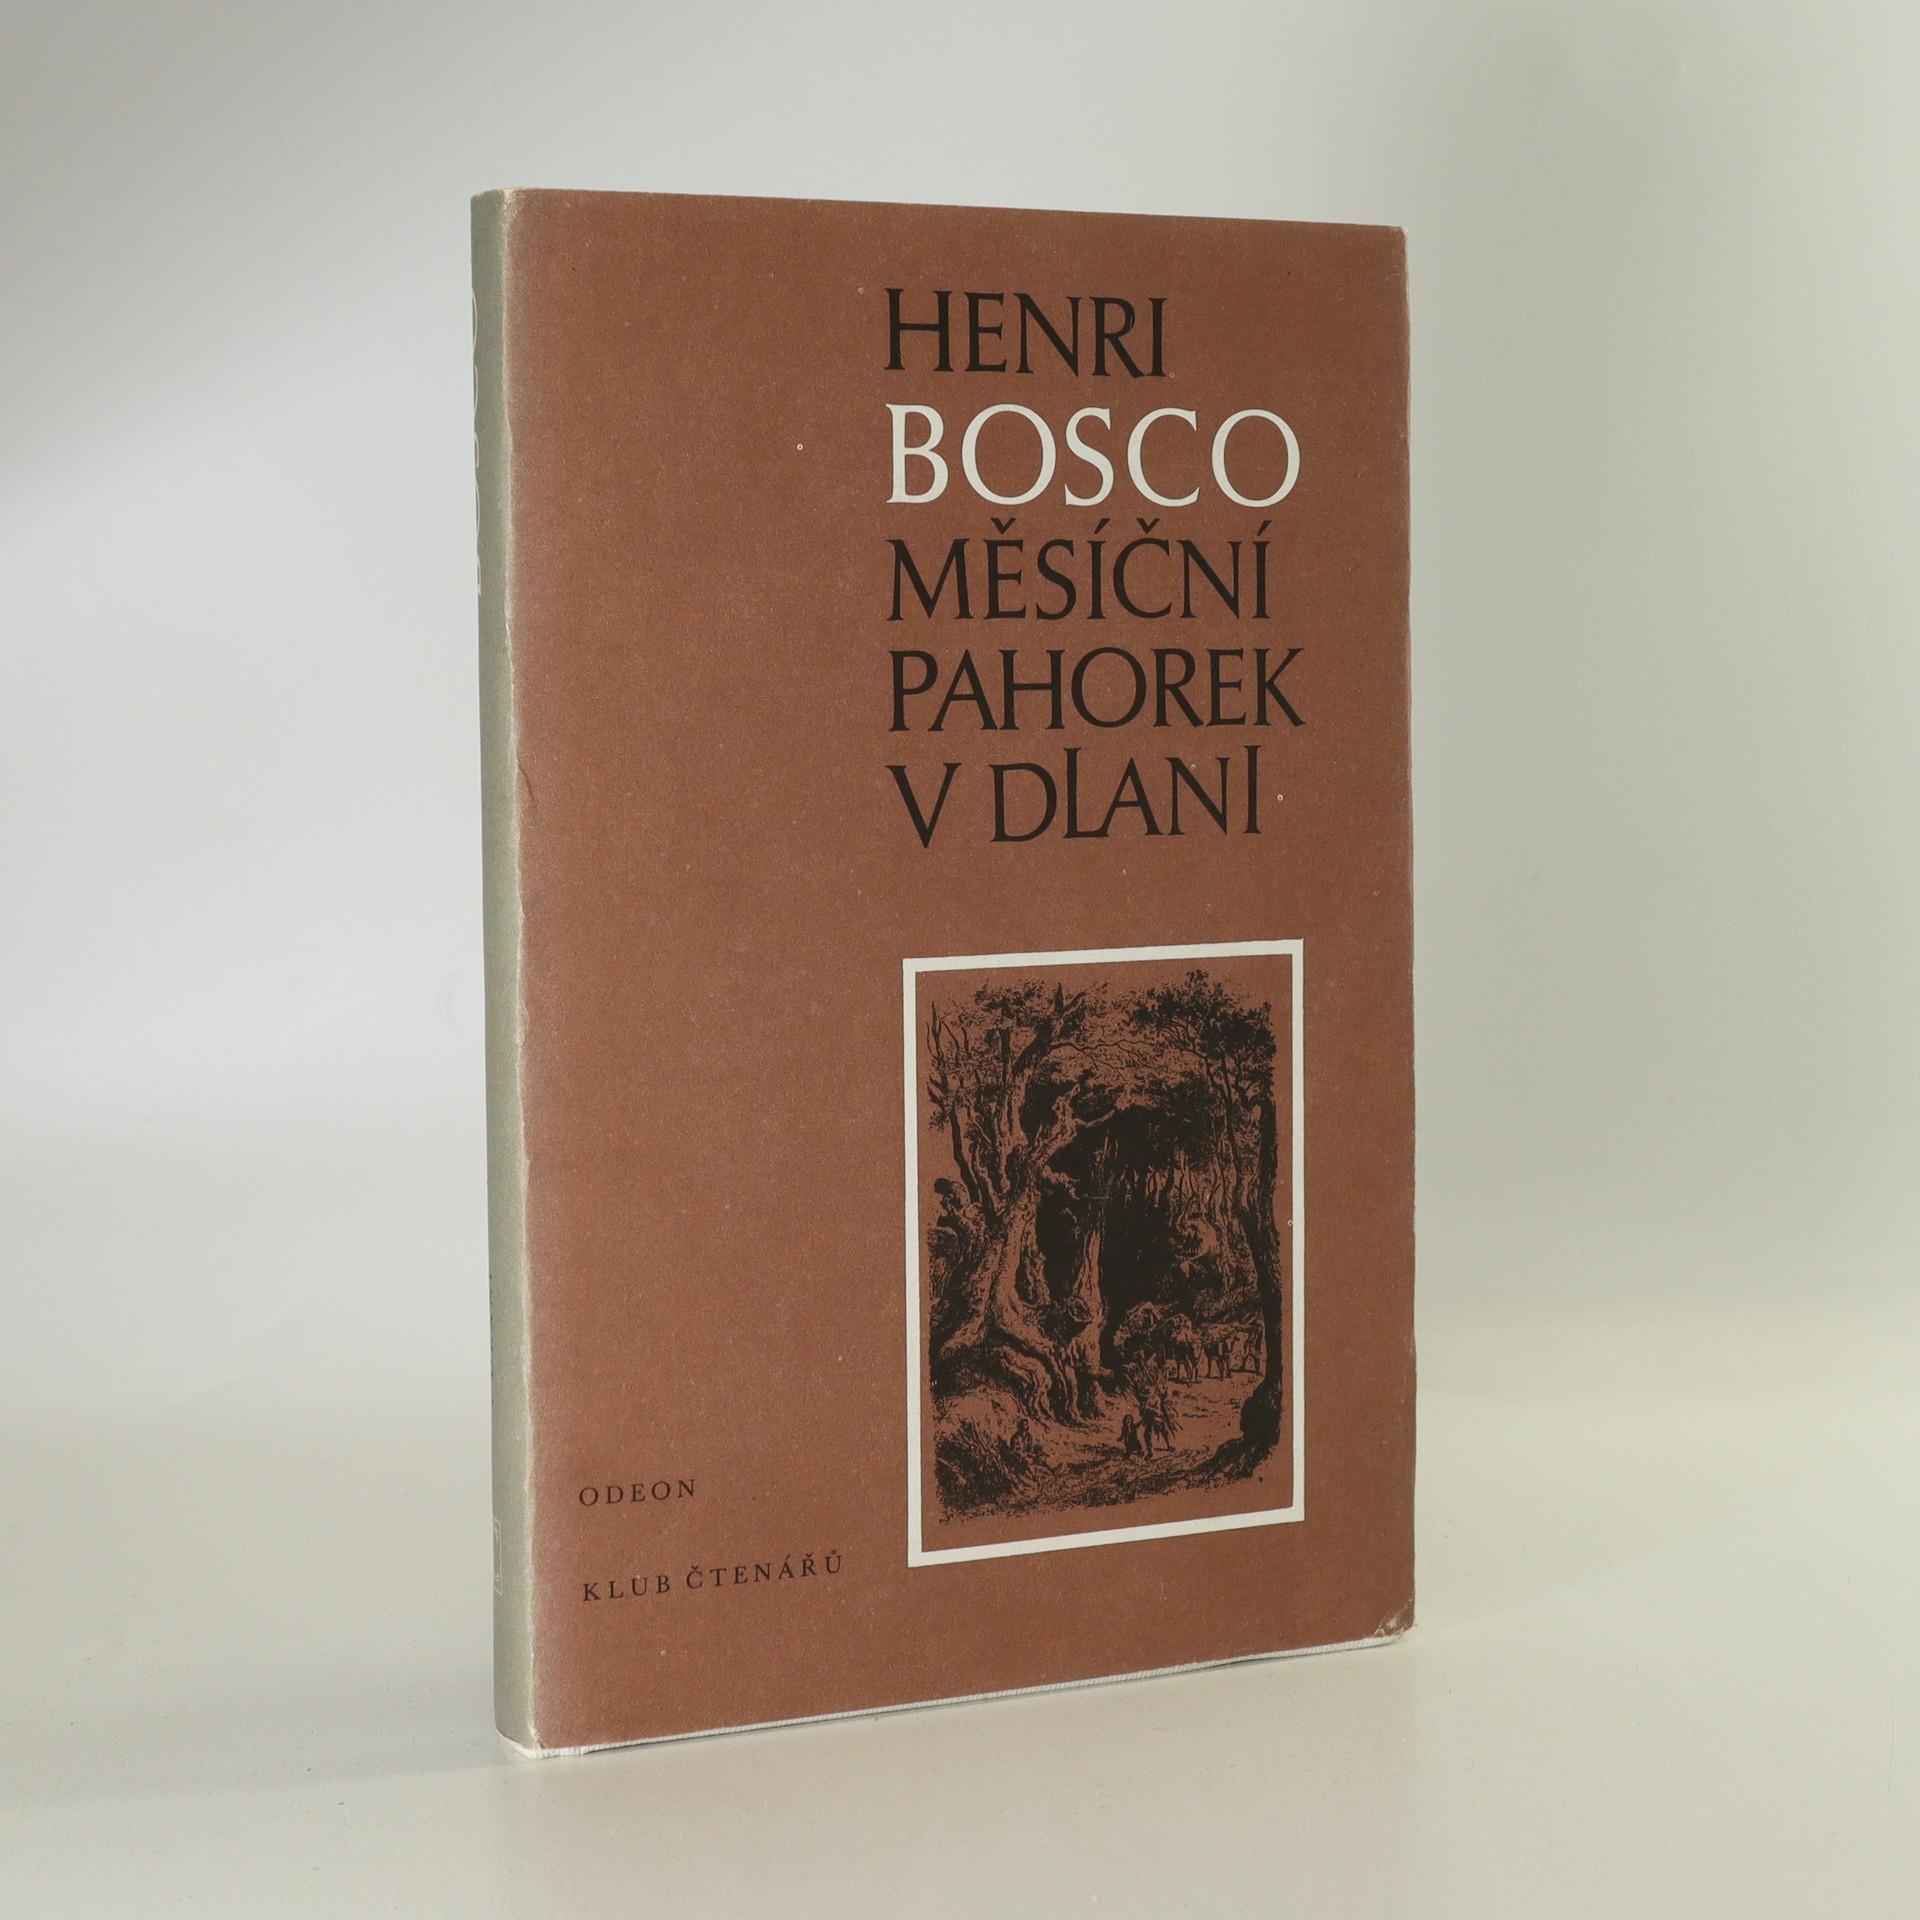 antikvární kniha Měsíční pahorek v dlani, 1987